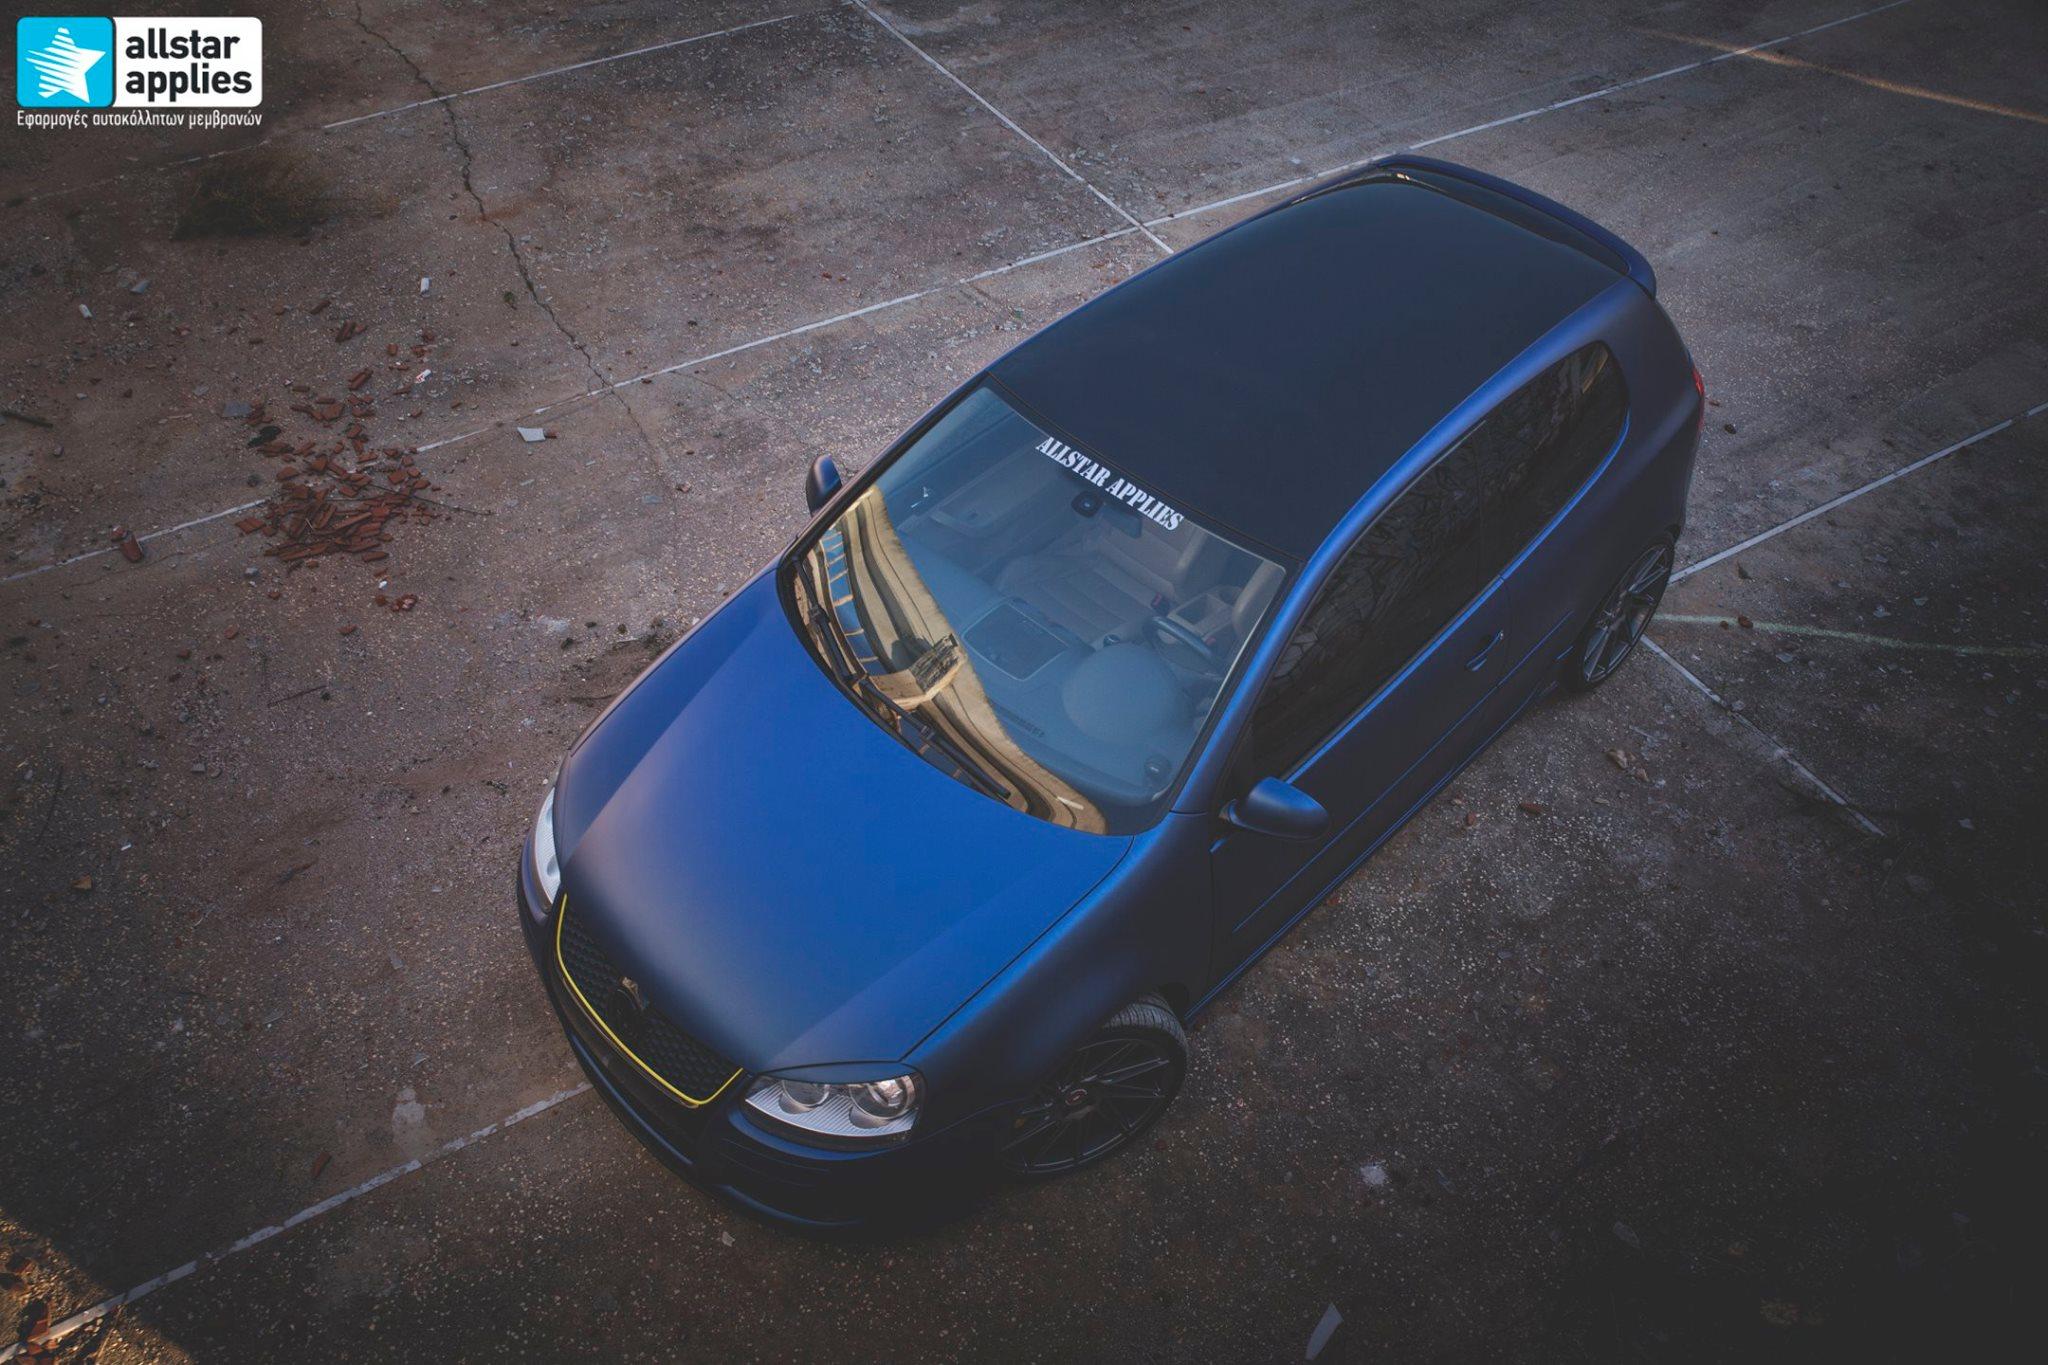 VW Golf 5 - Matt Trenton Blue (11)